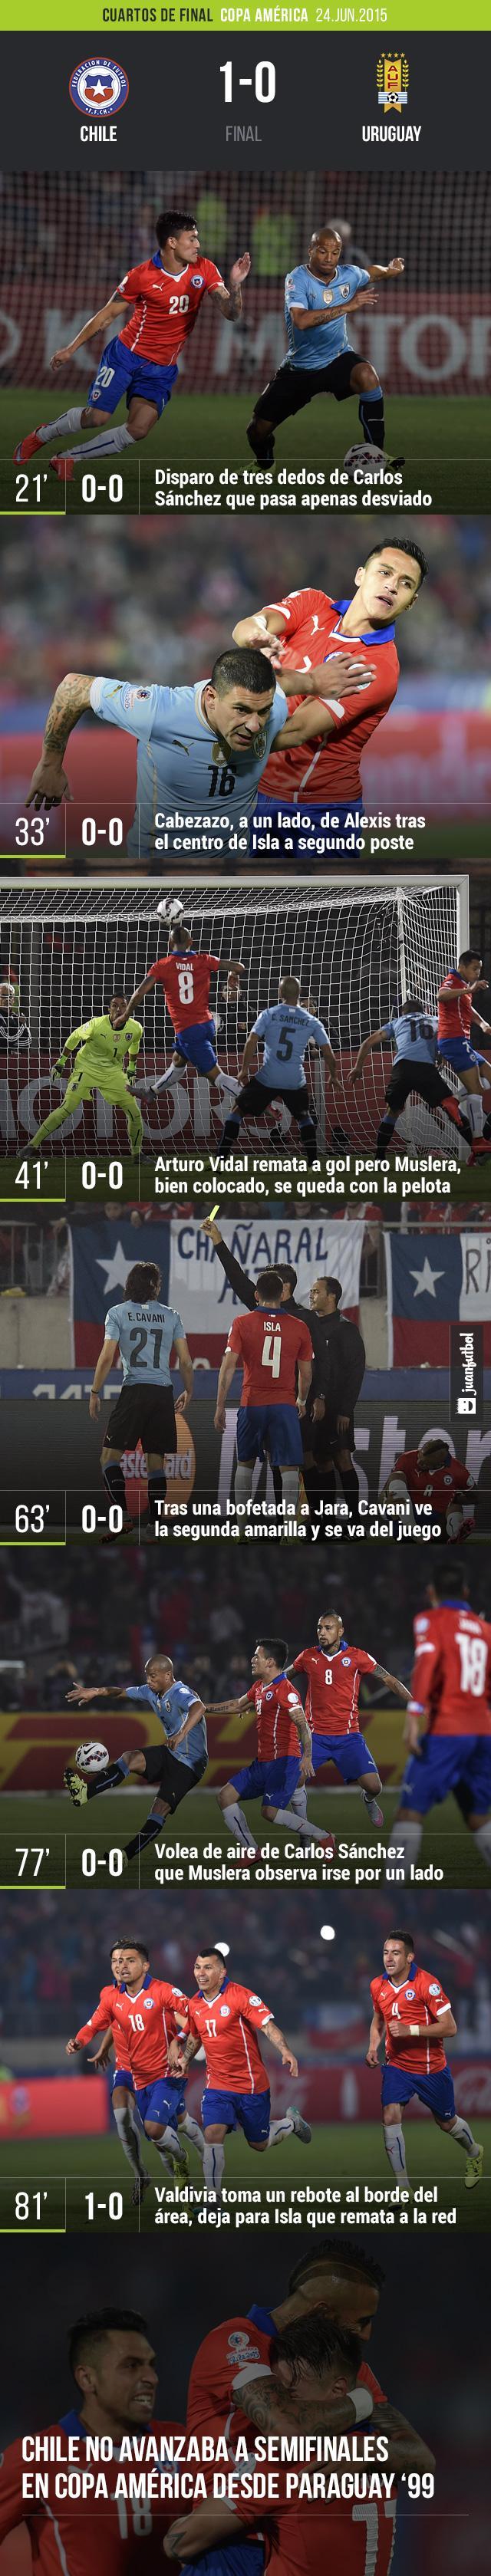 Chile 1-0 Uruguay